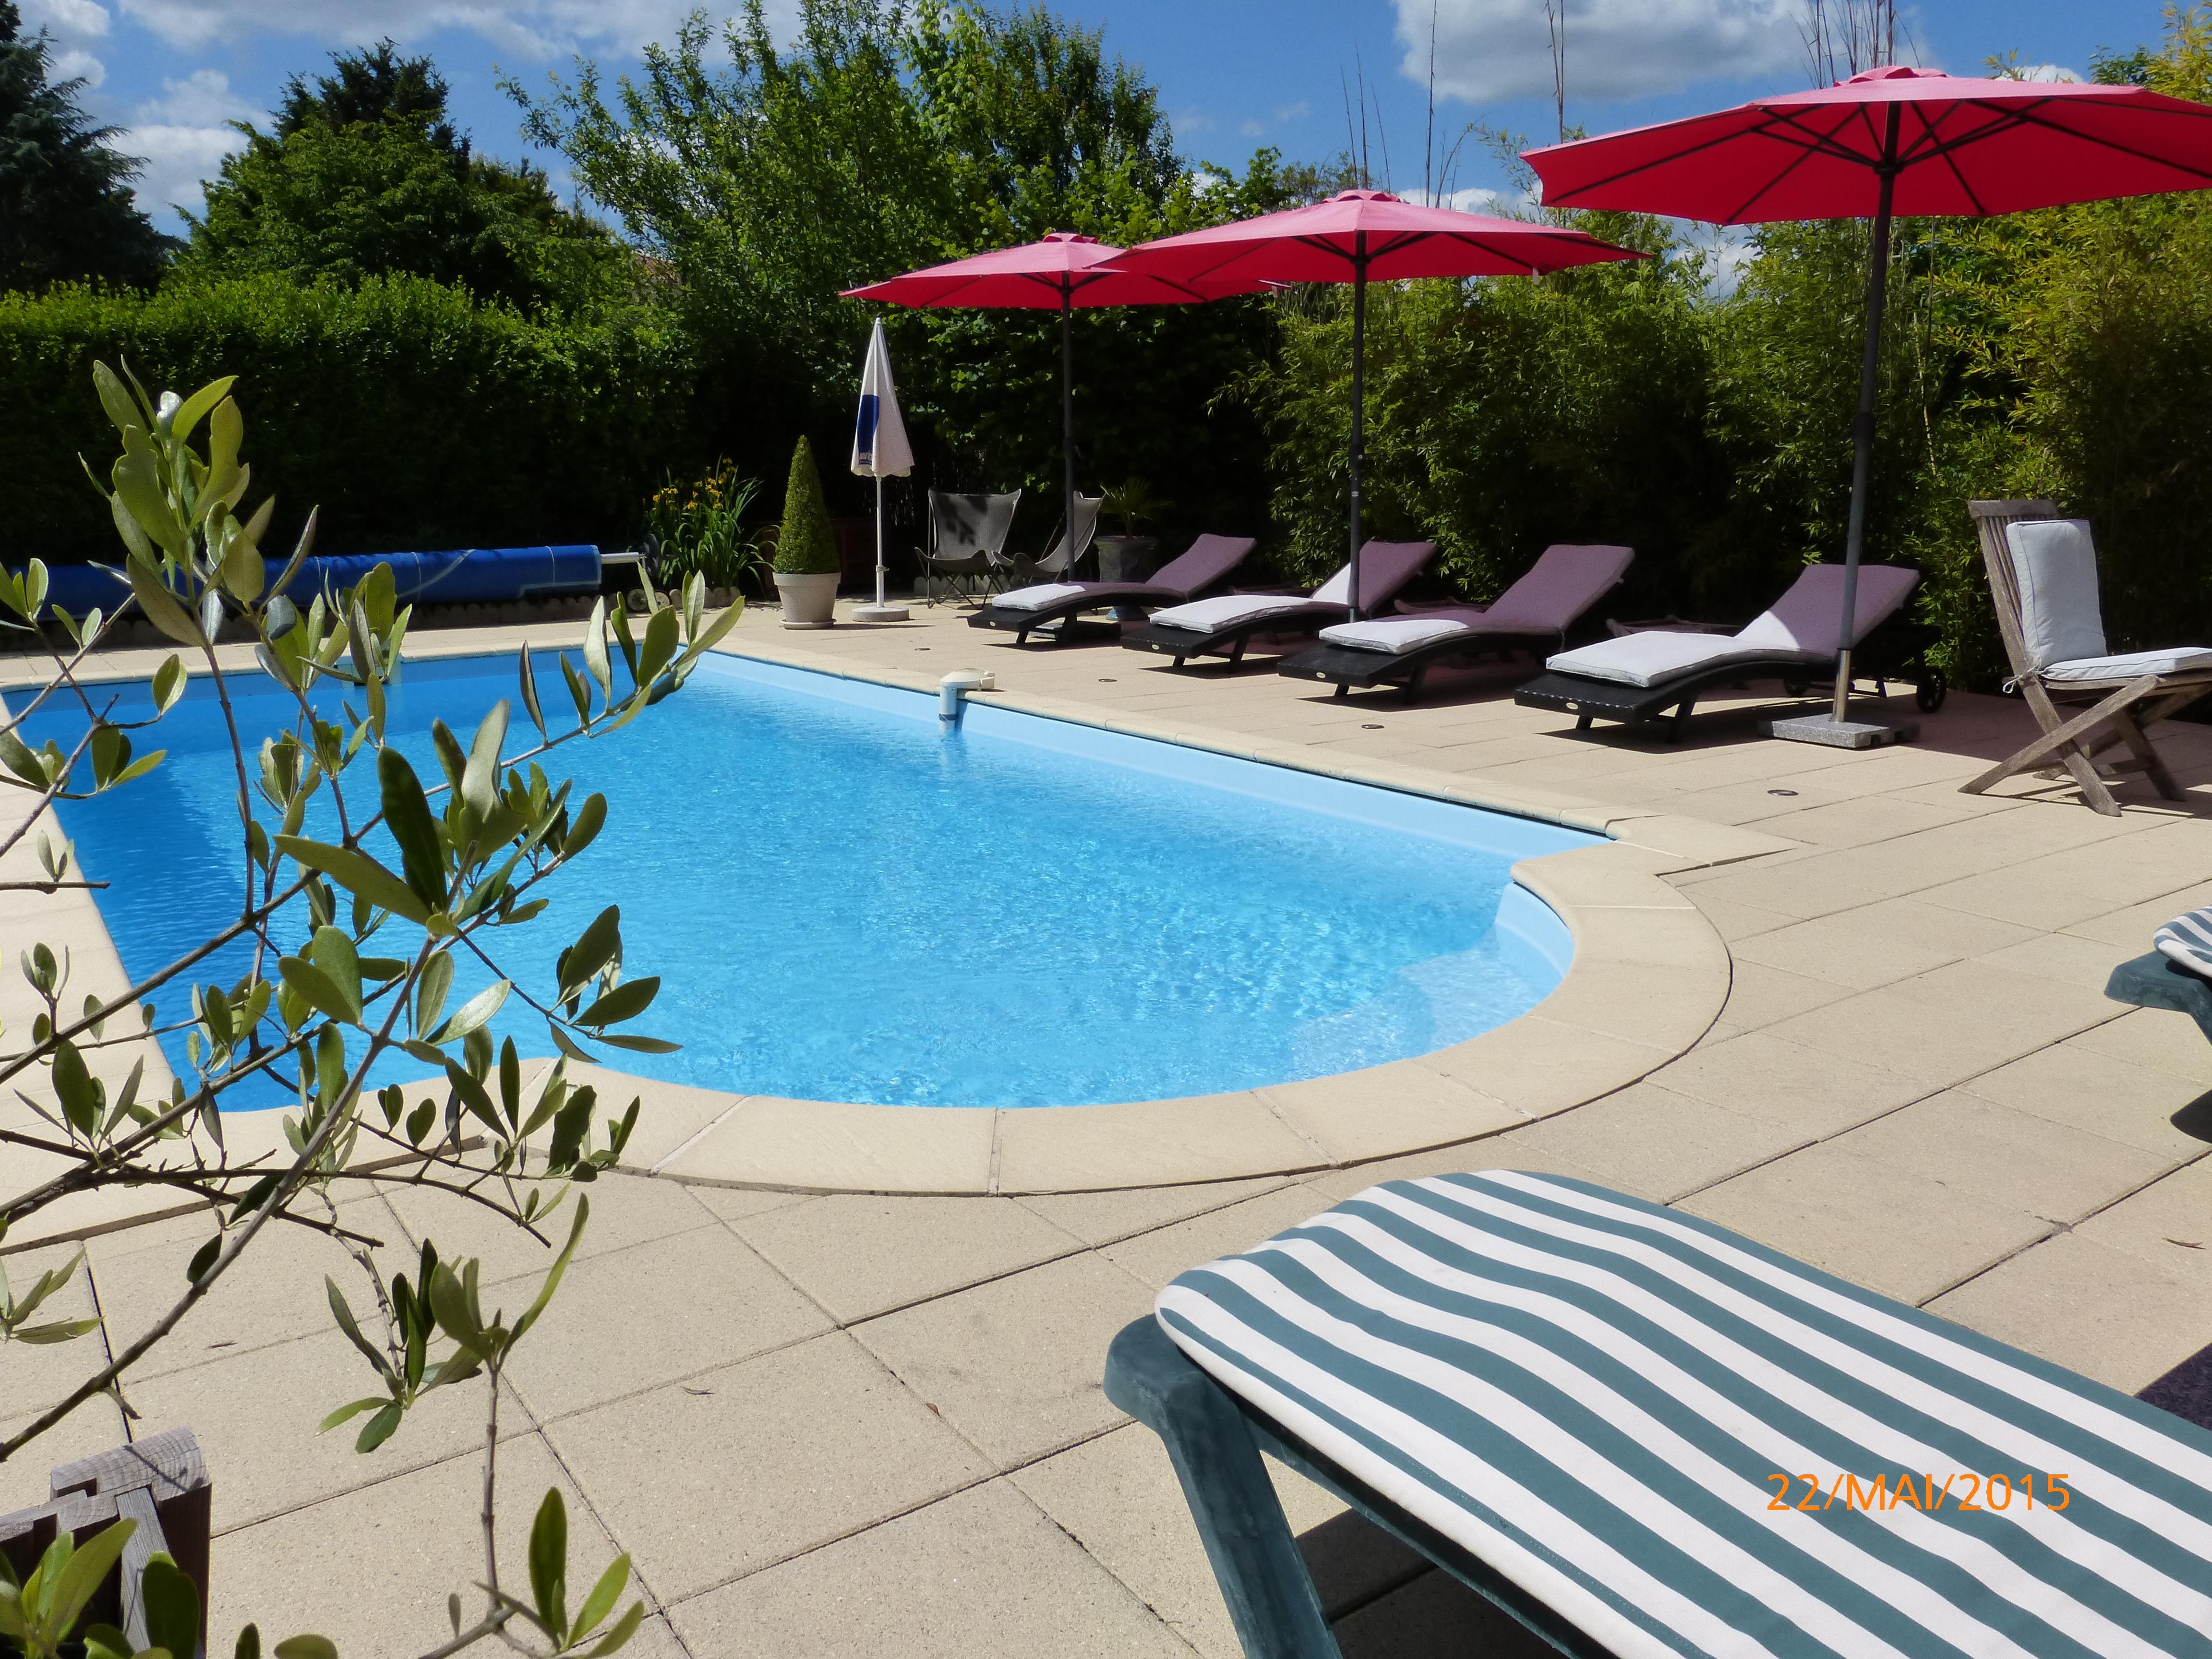 Chambre D Hotel Avec Piscine Privative Tous Les Liens Des